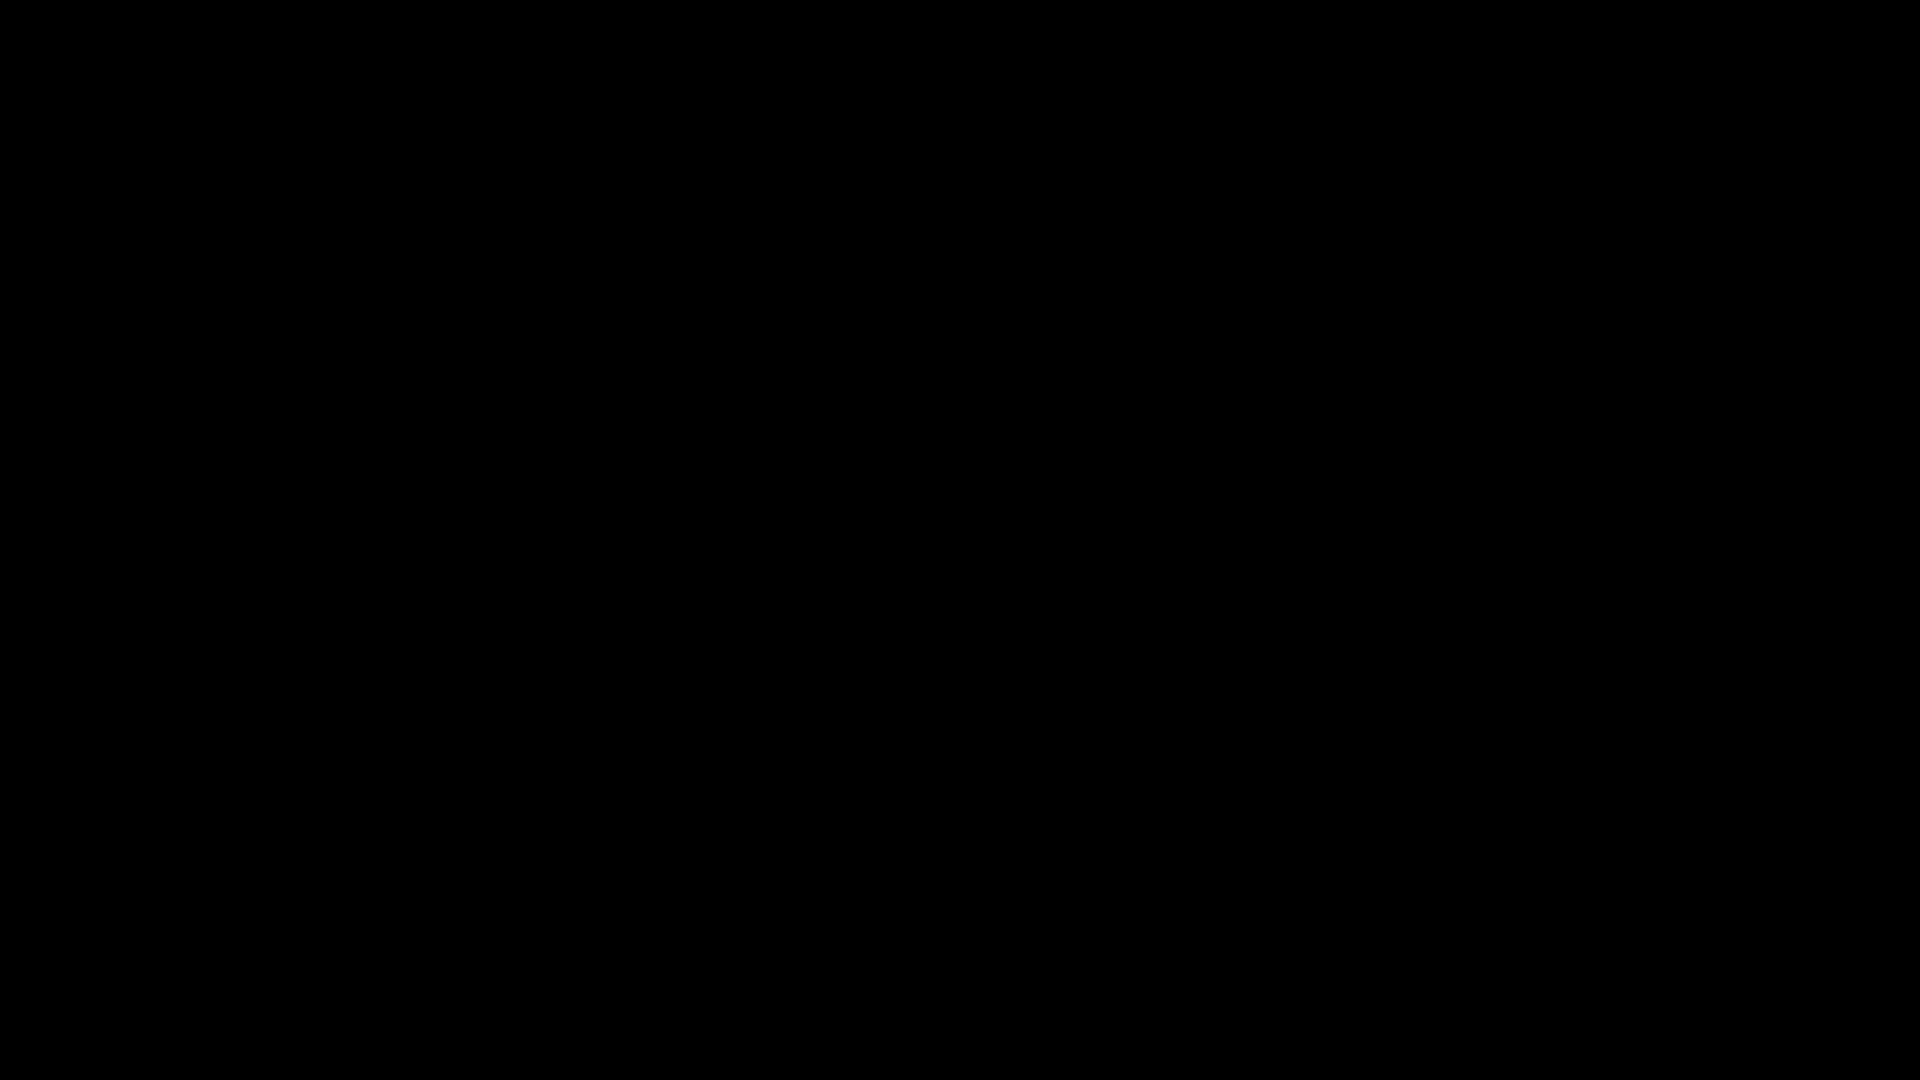 iVersityR6